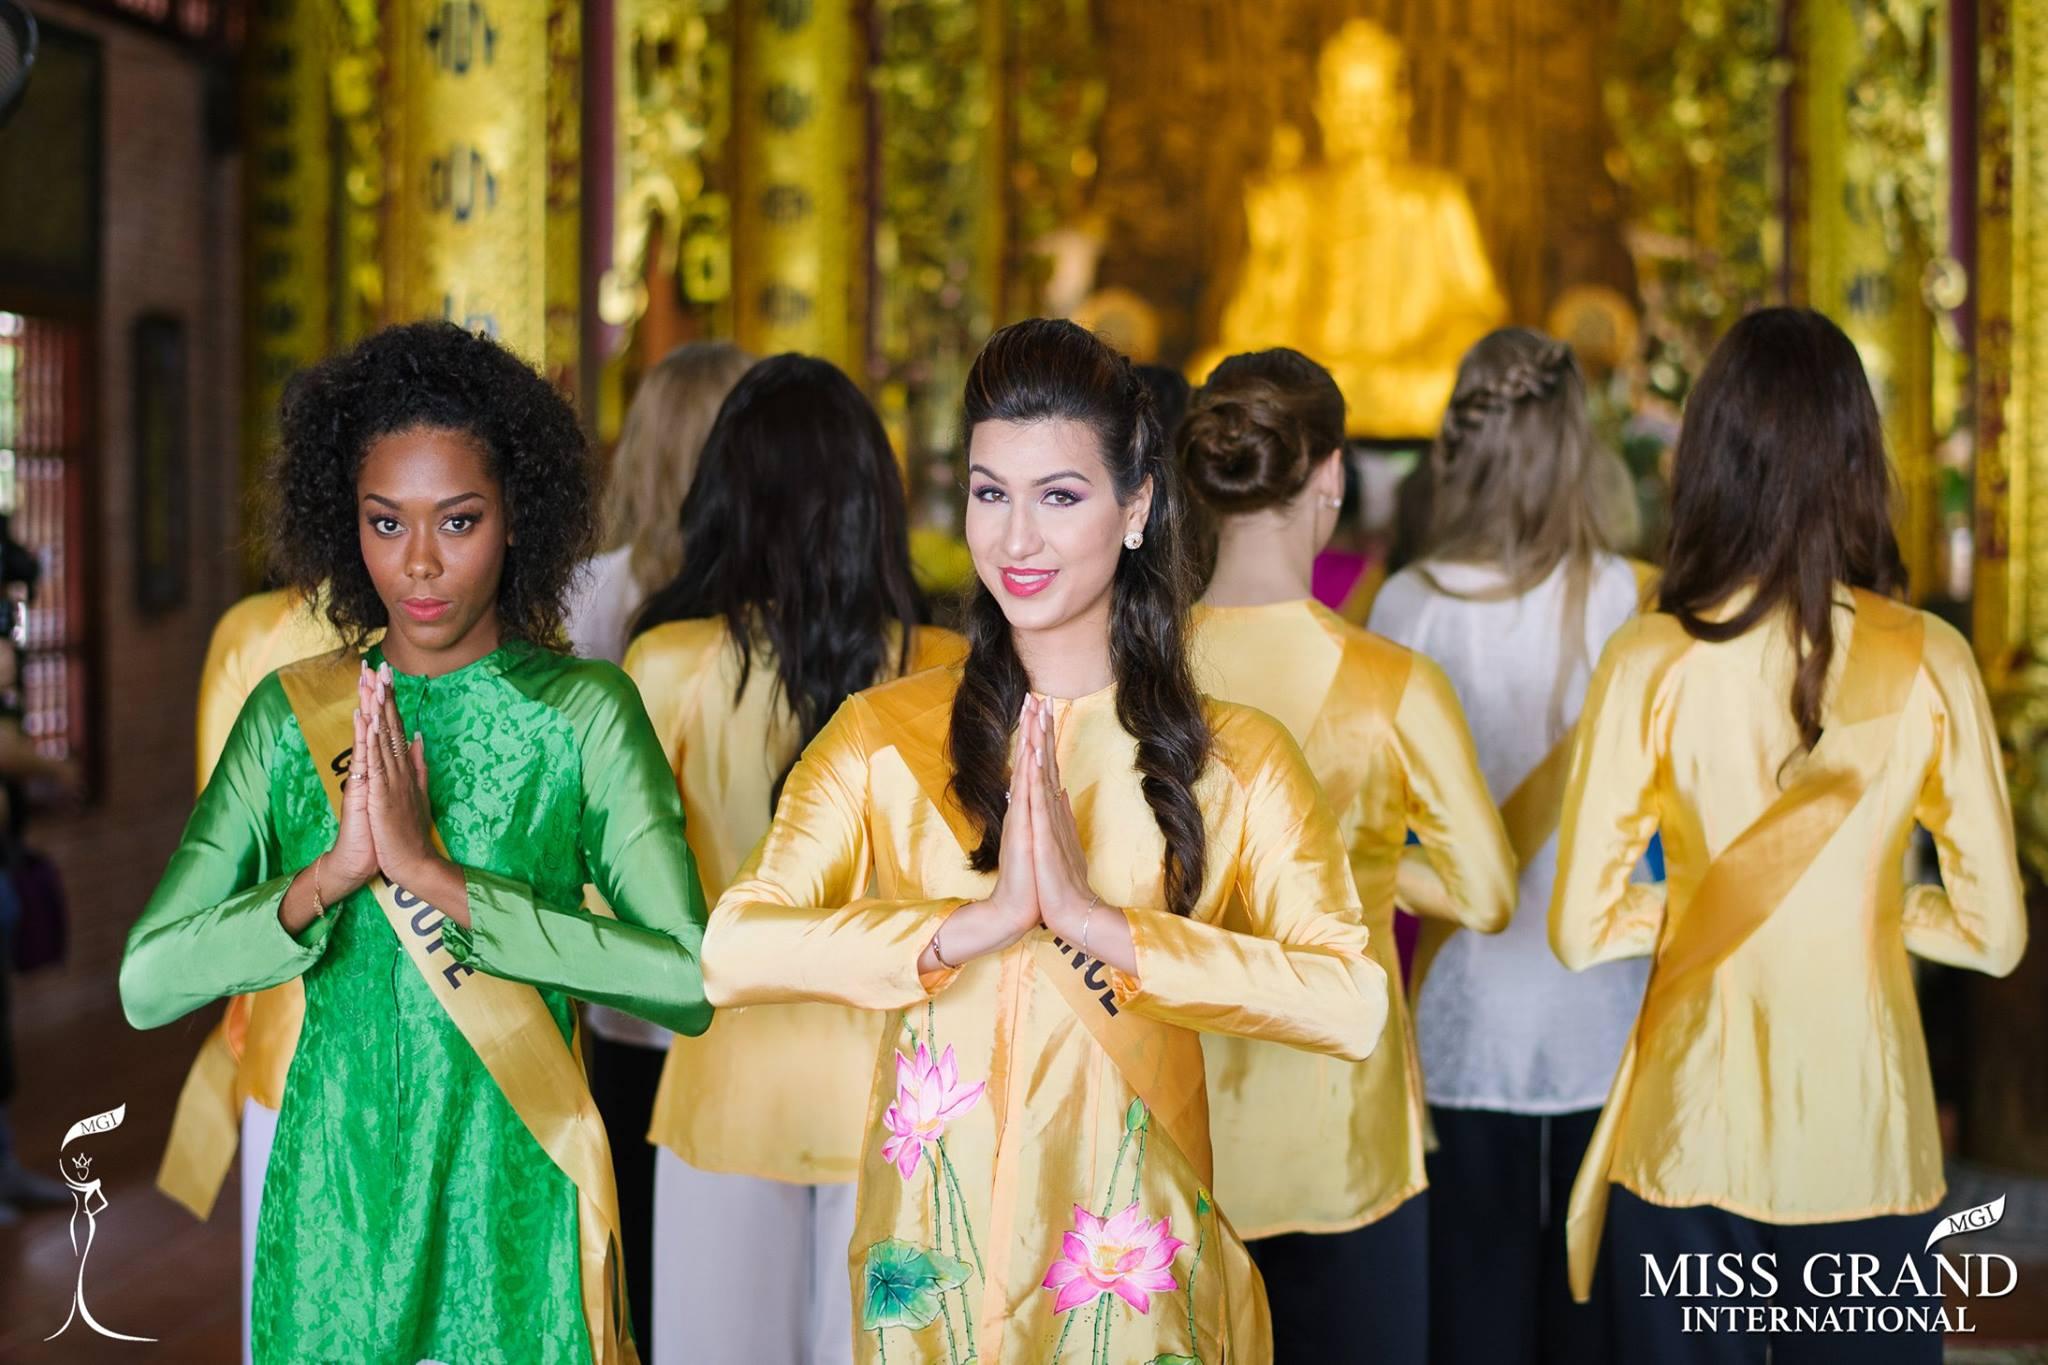 Thí sinh Miss Grand International 2017 duyên dáng trong tà áo bà ba vãn cảnh chùa - Ảnh 2.